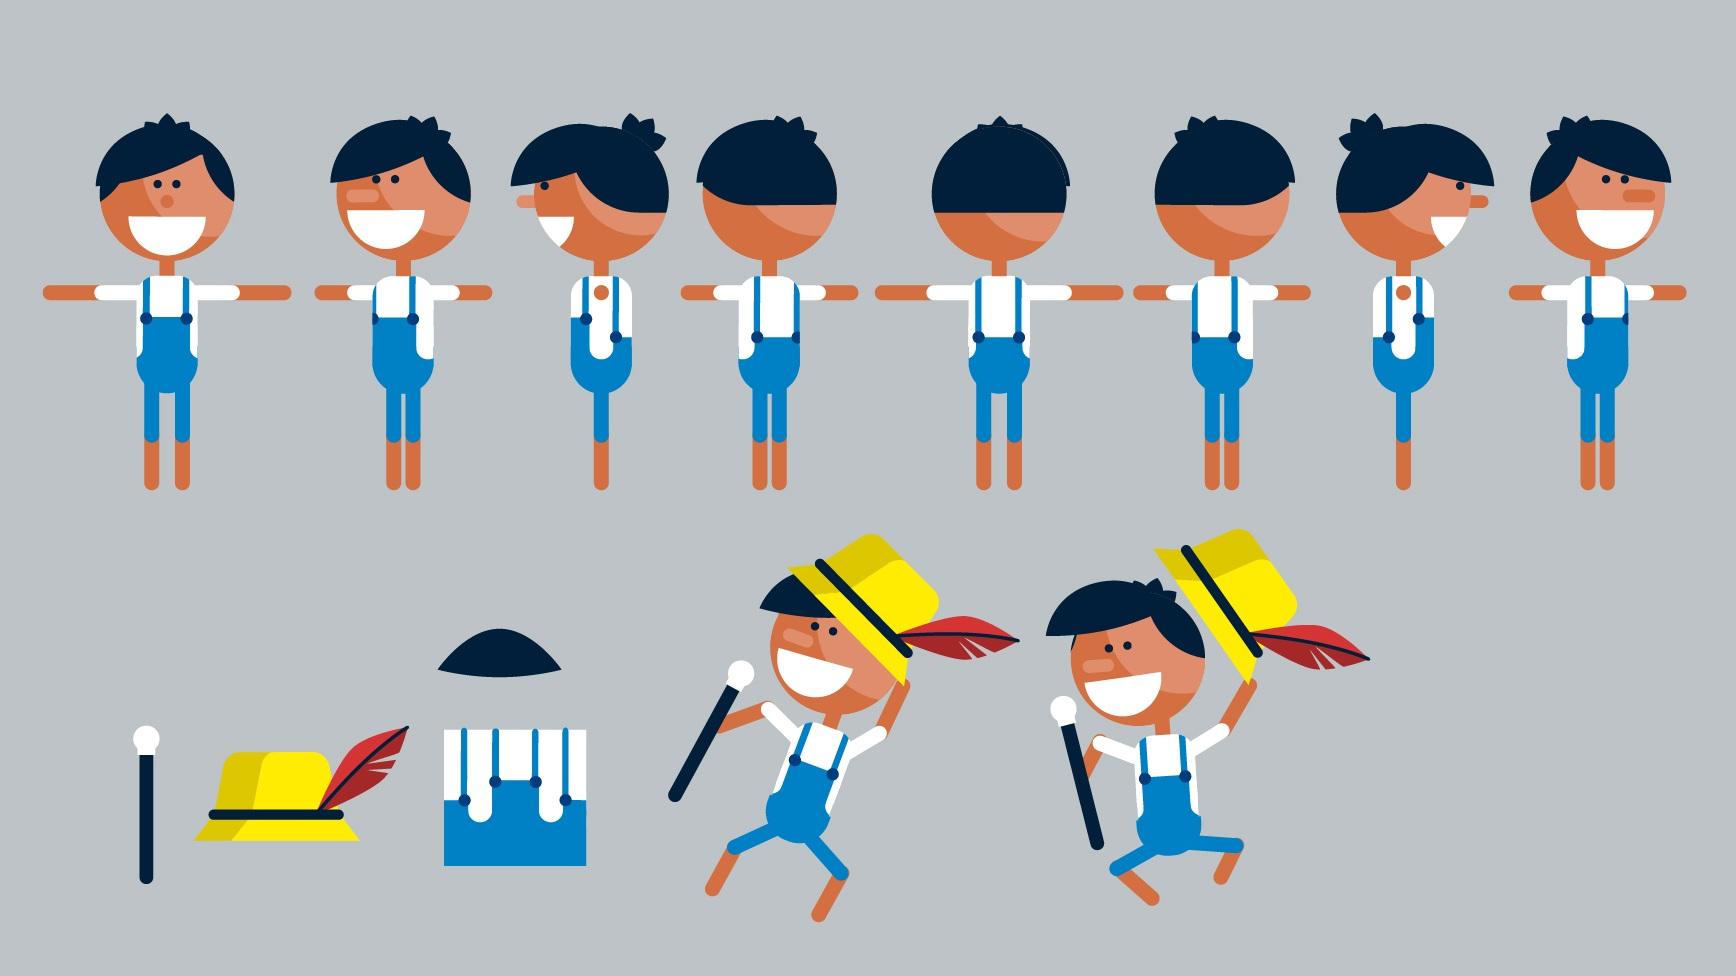 Pinochio Character Sheet for Upskill People